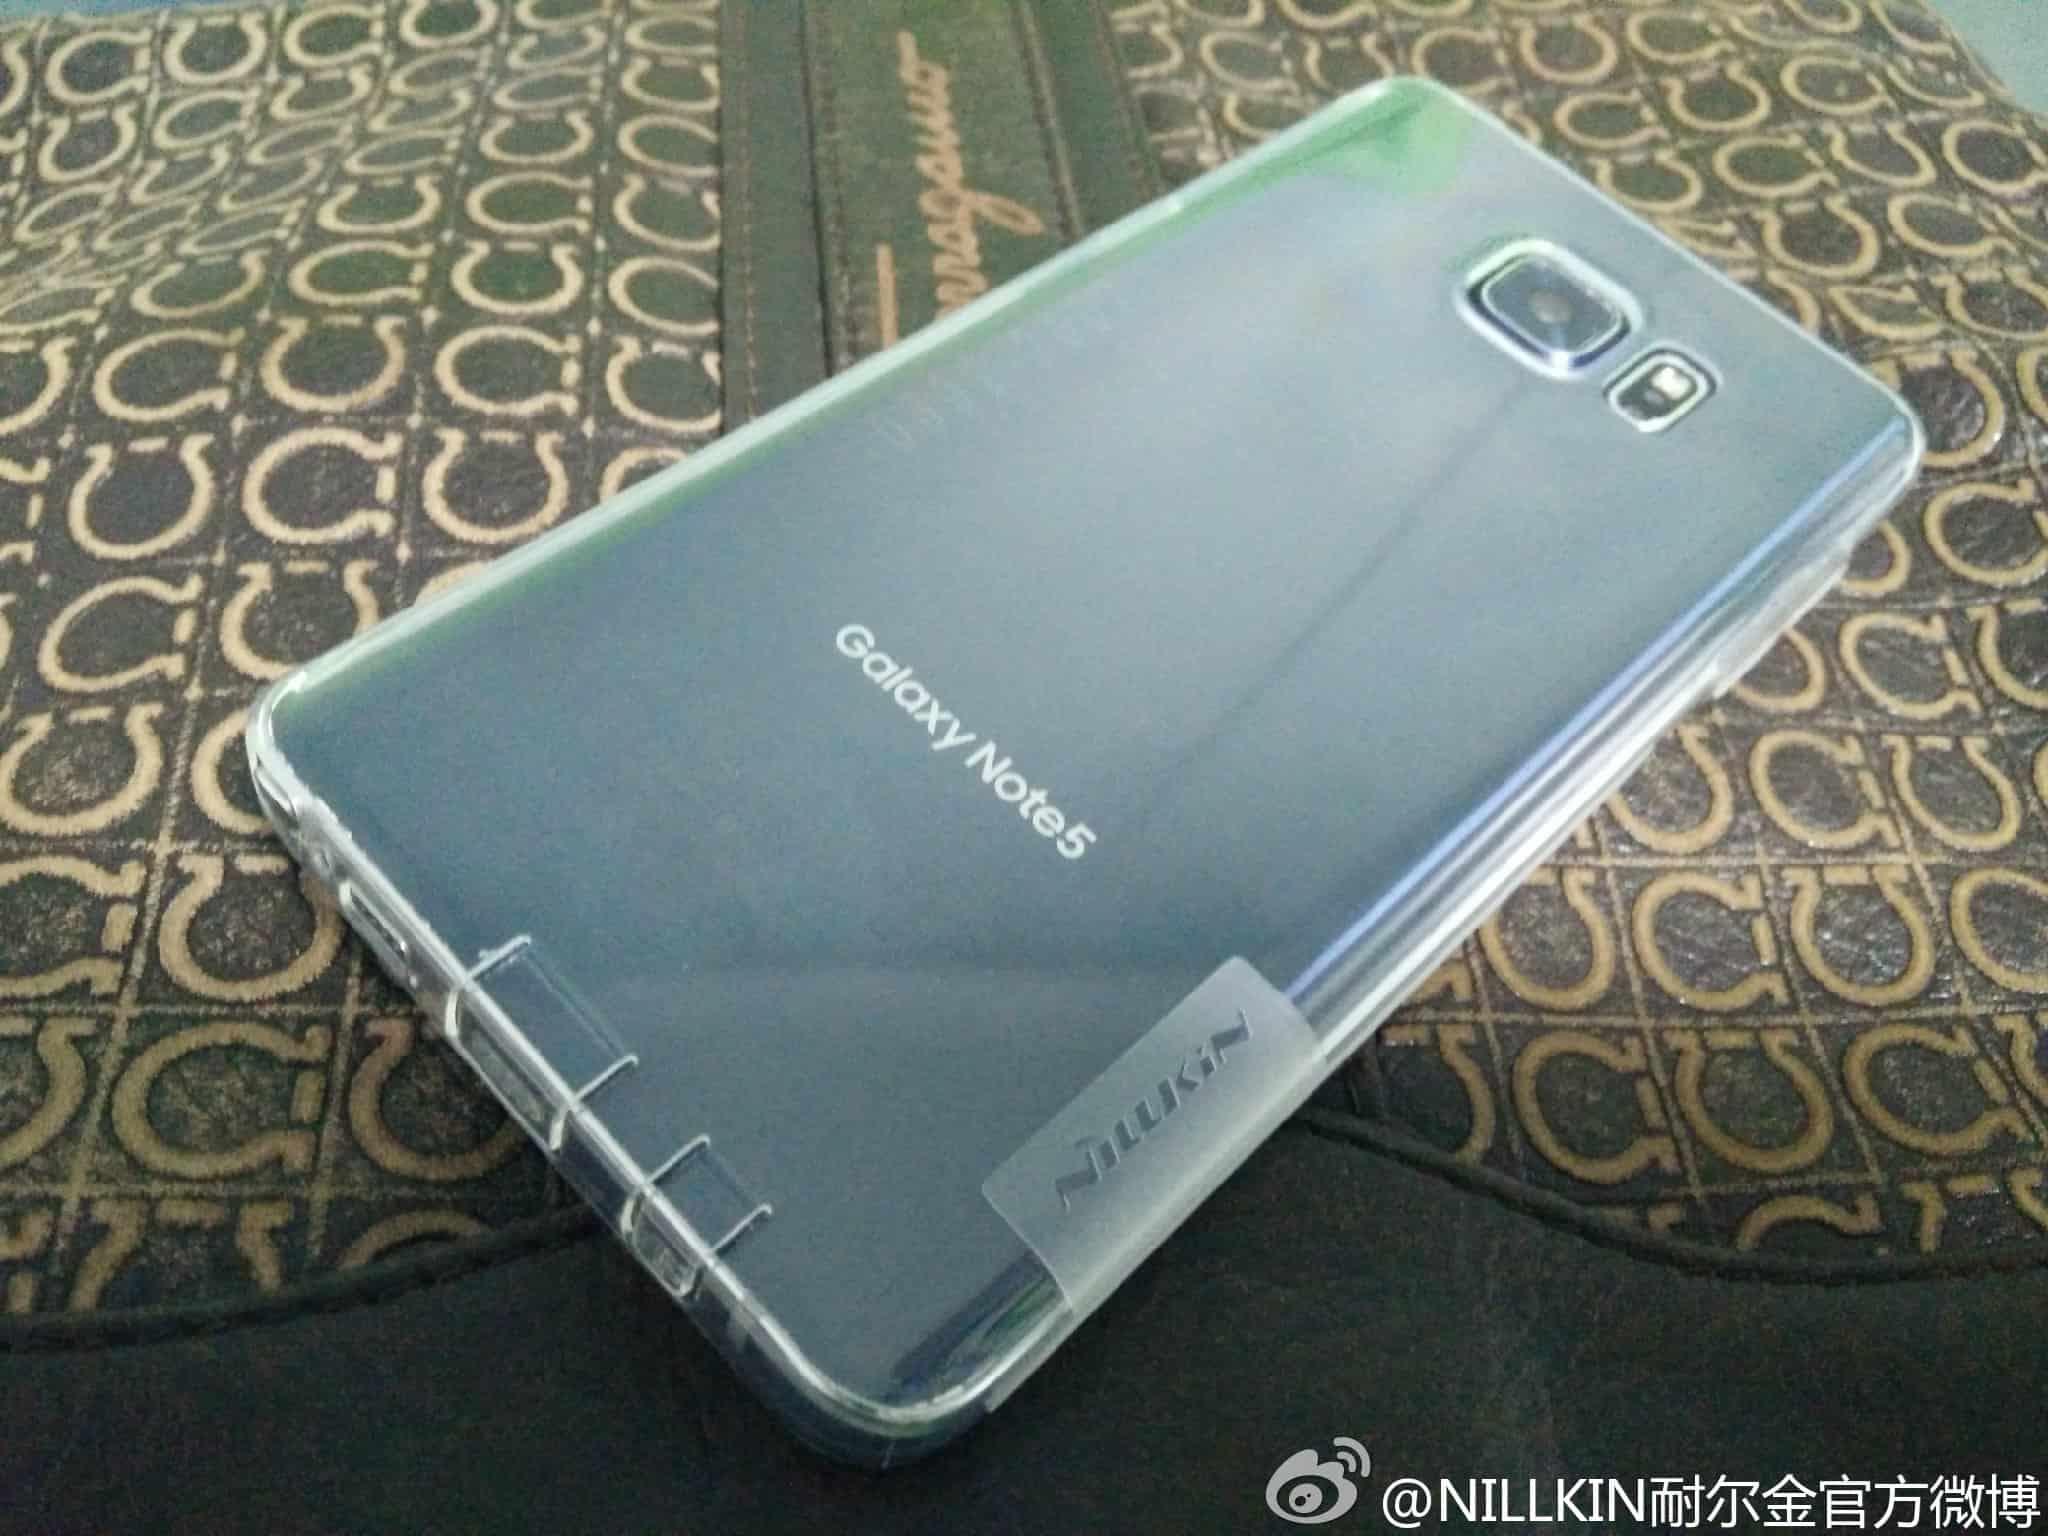 Galaxy Note 5 Nillkin leak 02